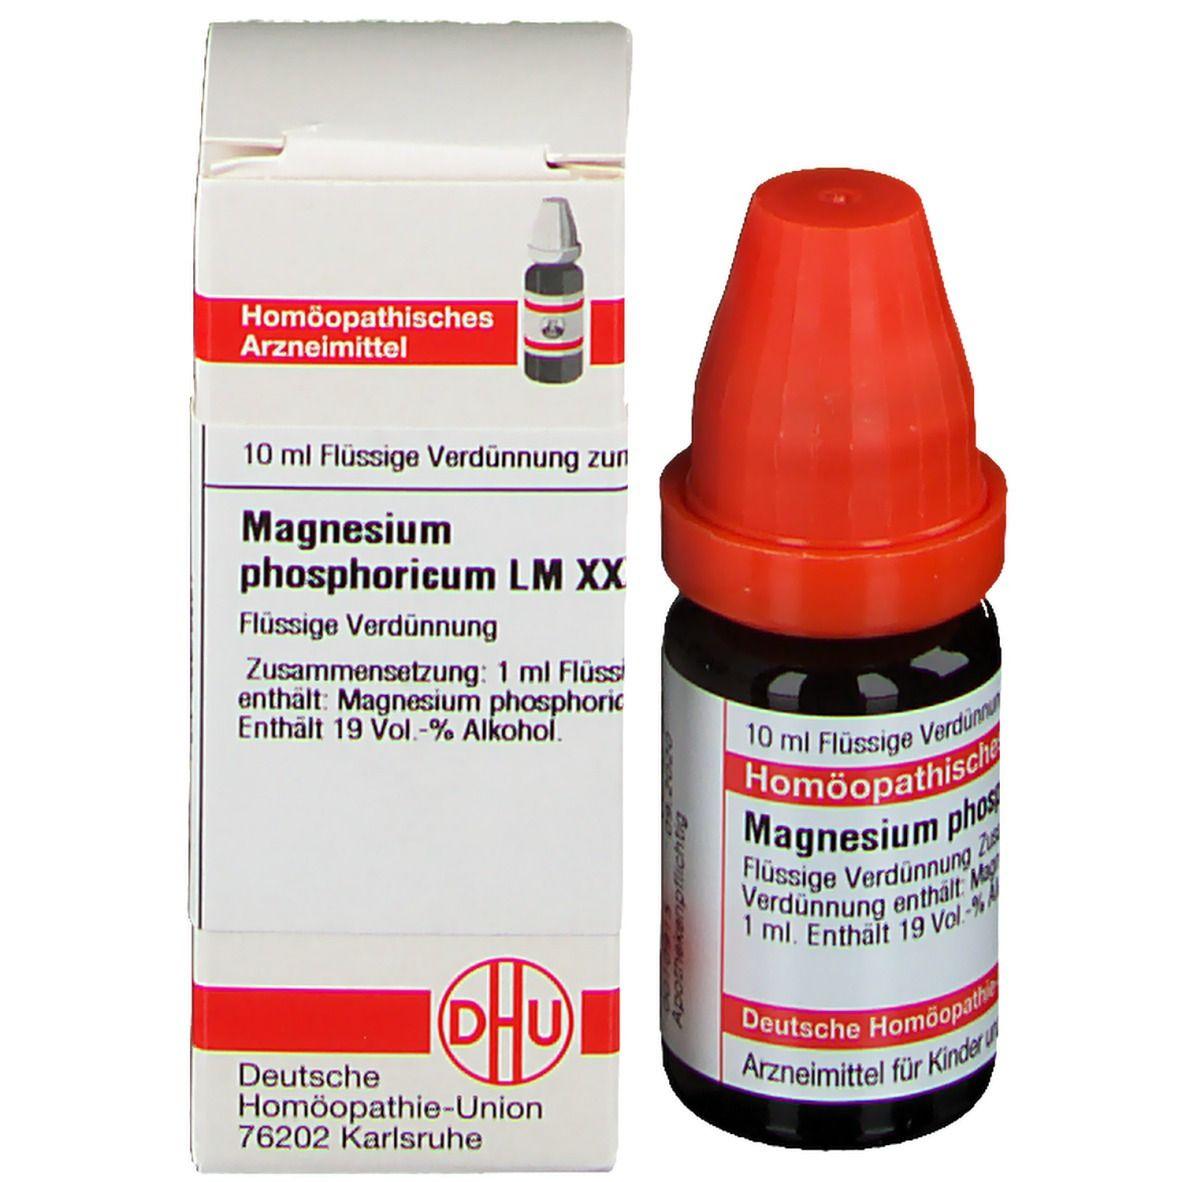 DHU Magnesium Phosphoricum LM XXX